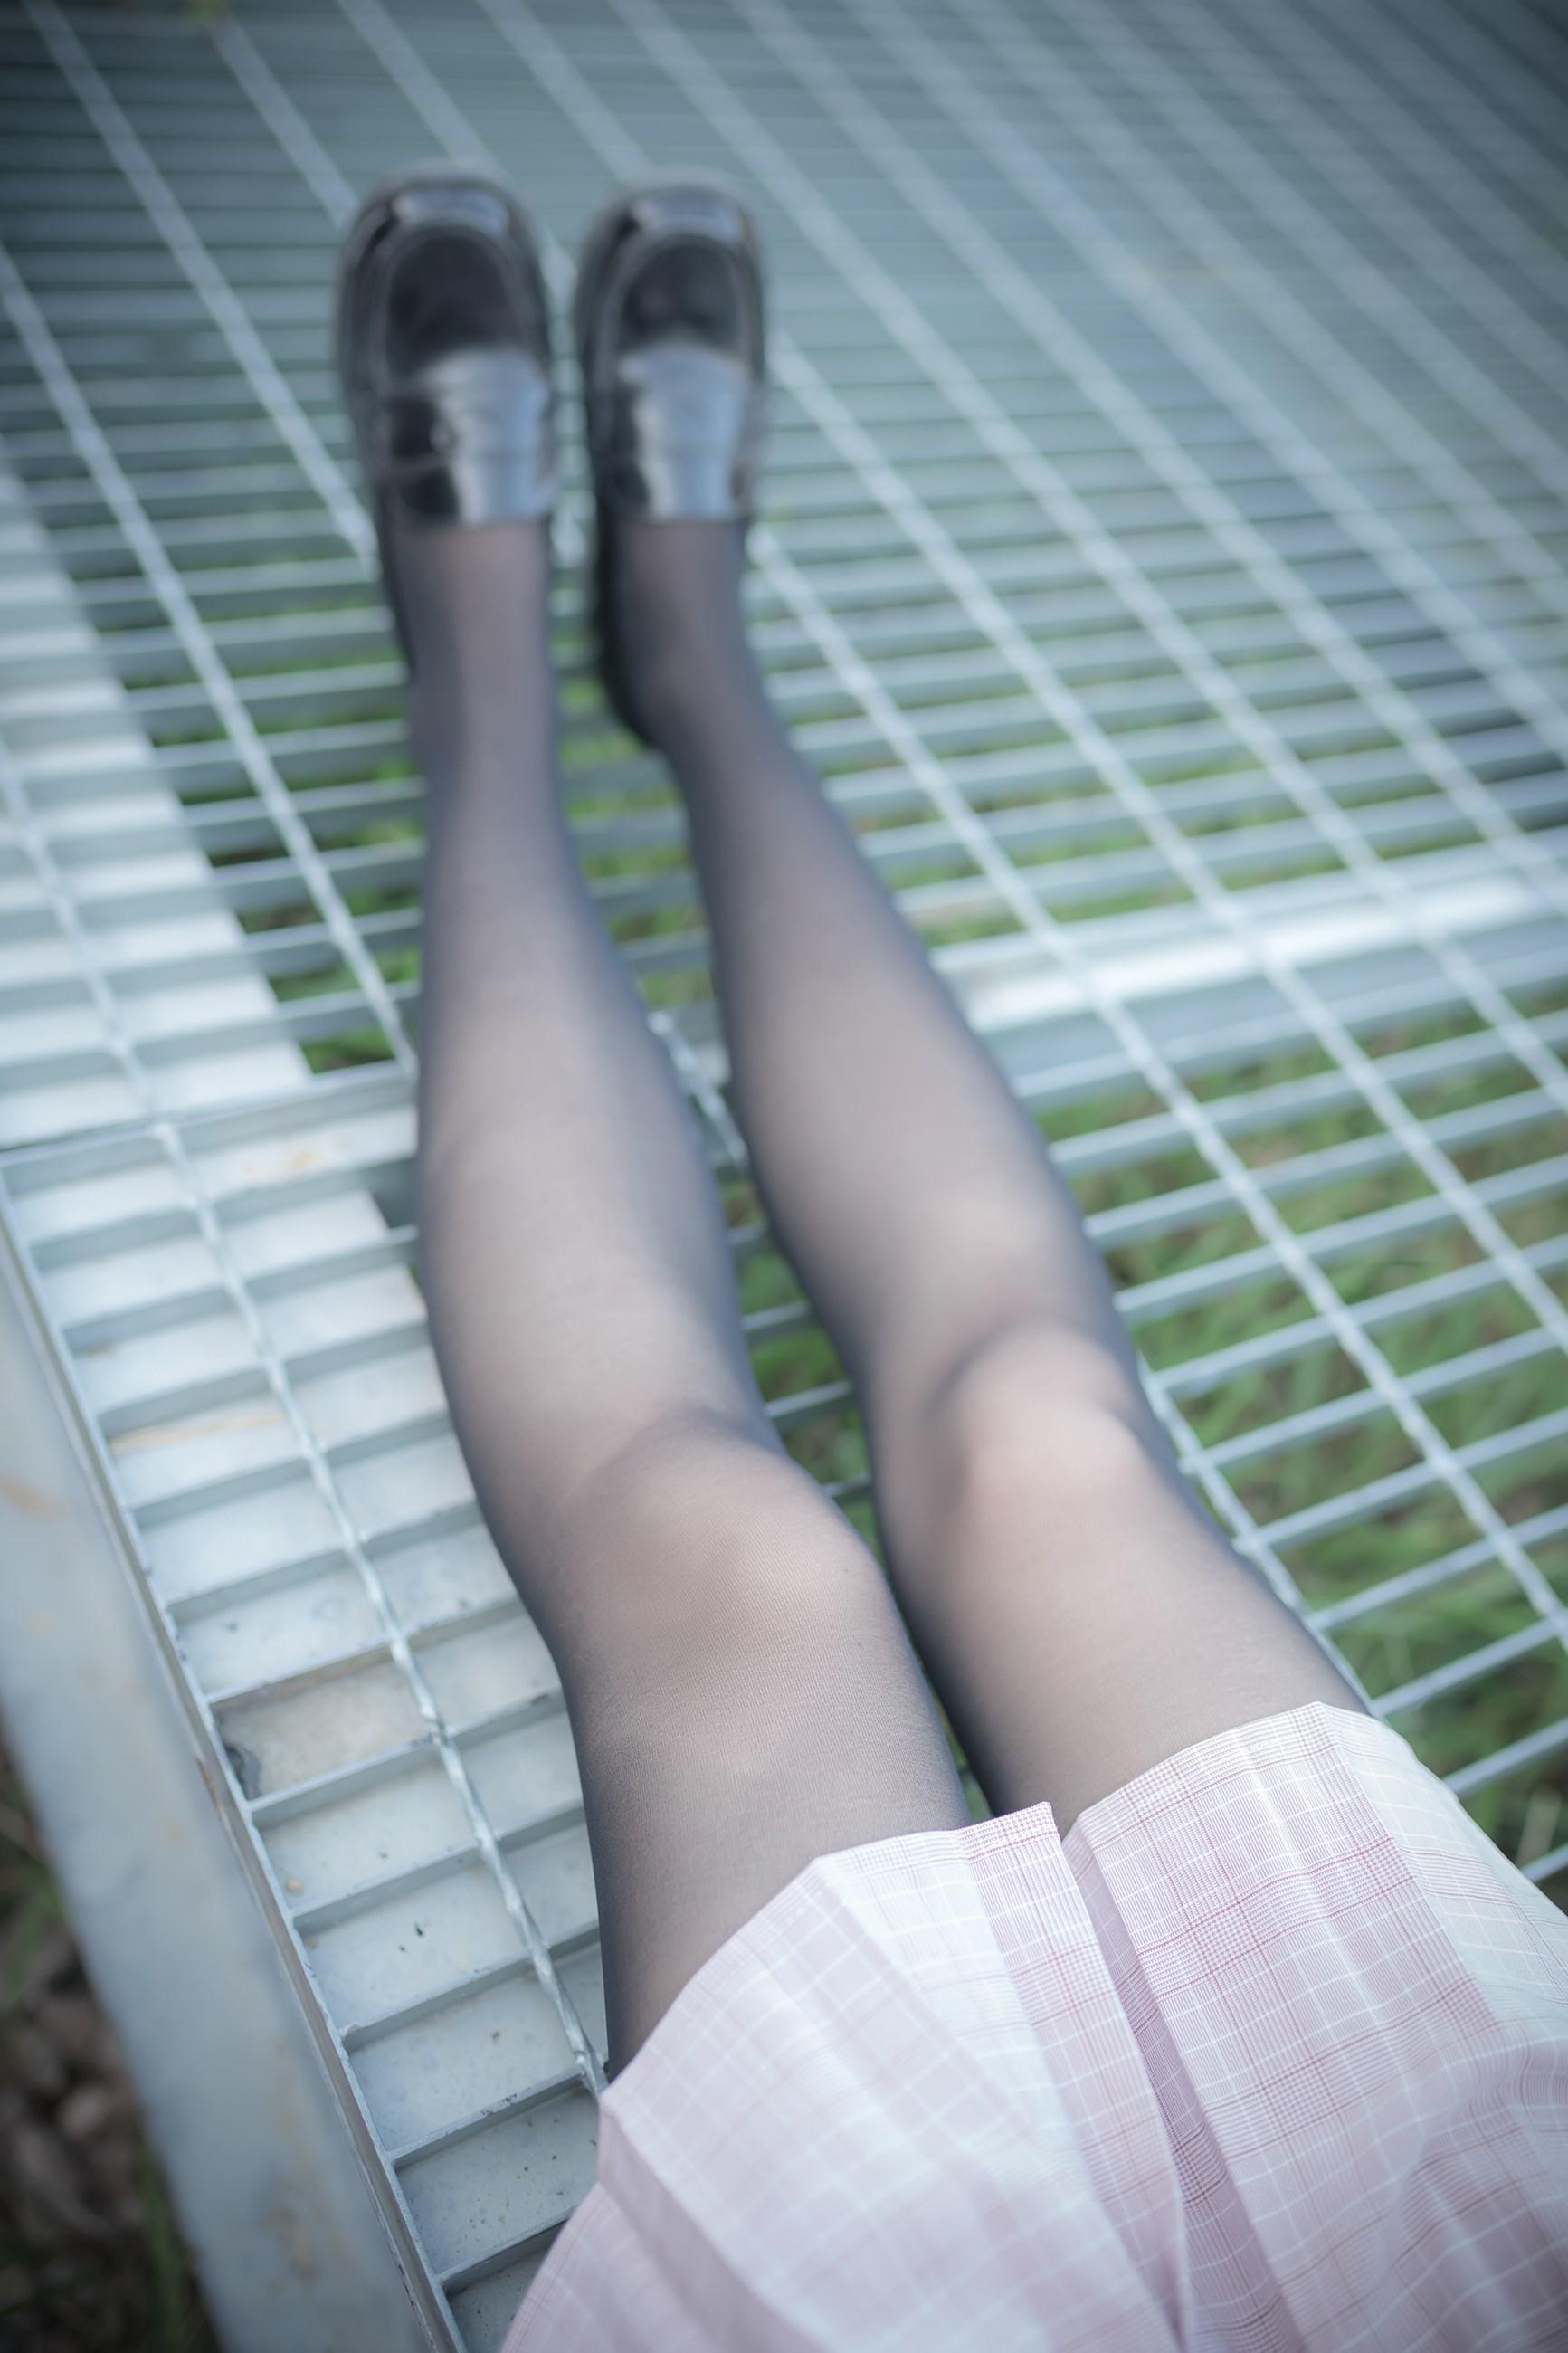 【兔玩映画】铁轨旁的小细腿 兔玩映画 第27张